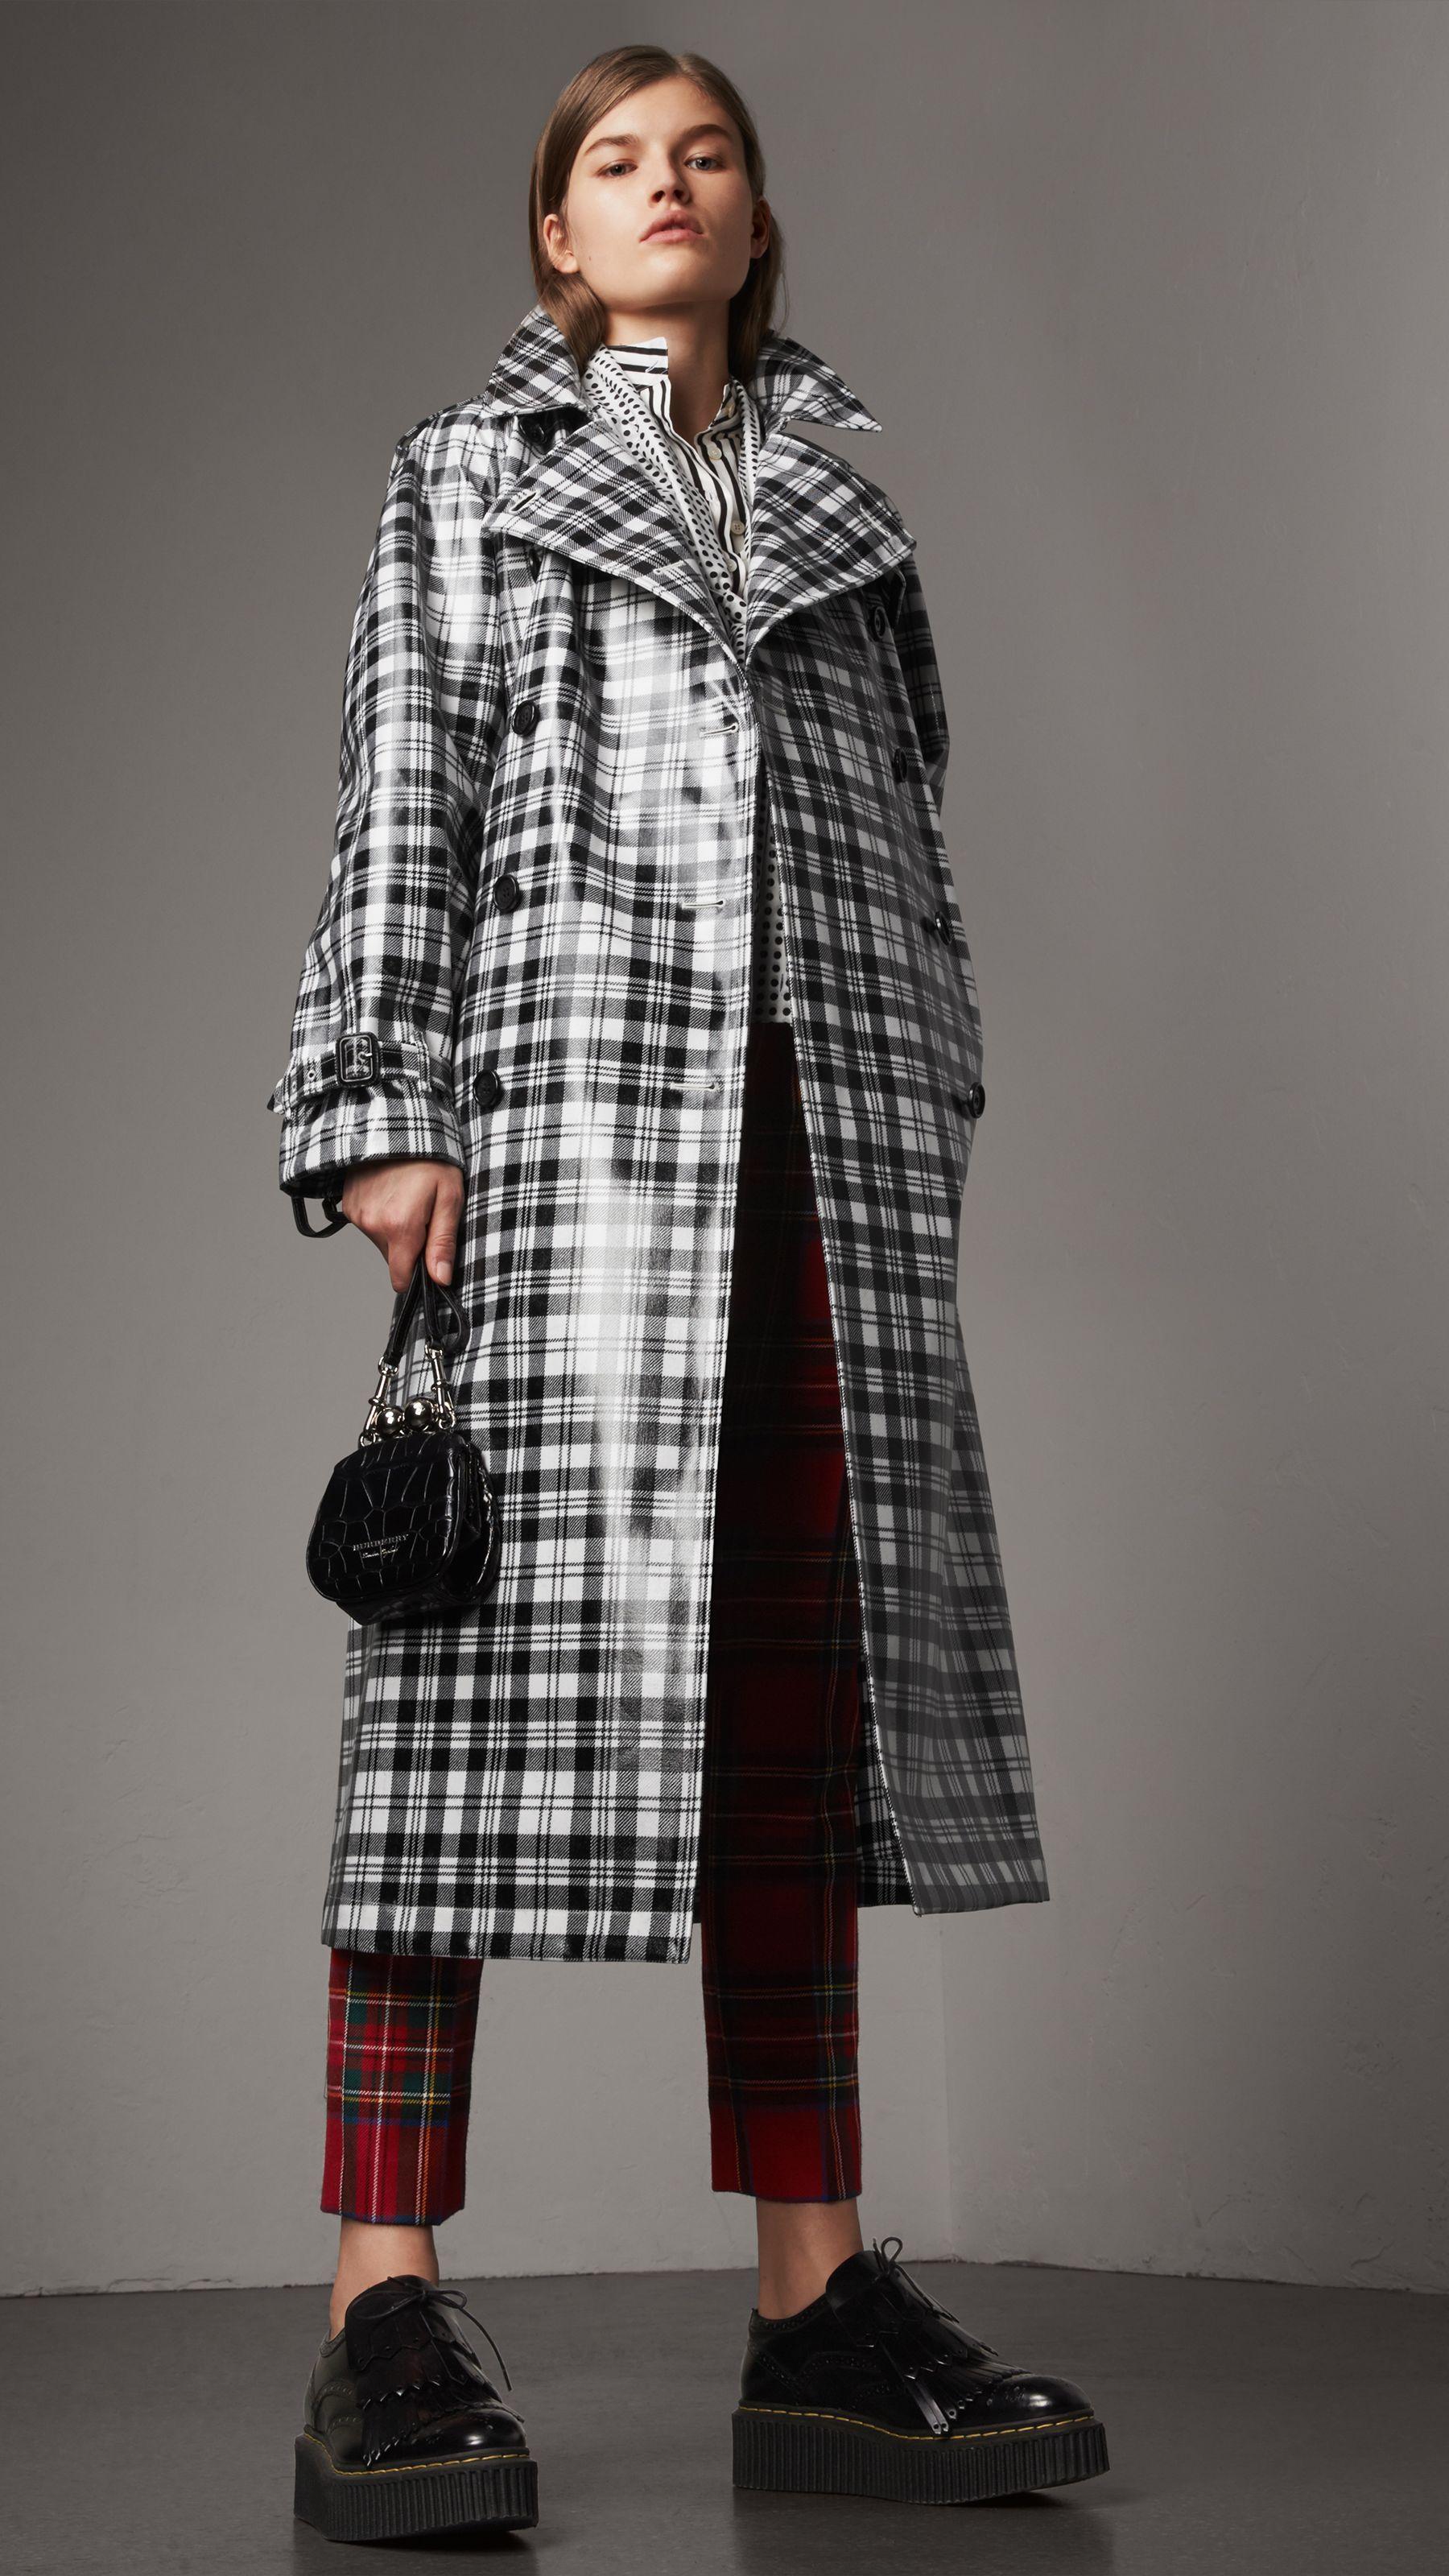 e07a12919 Trench coat xadrez tartan de lã com efeito plastificado (Preto branco) -  Mulheres